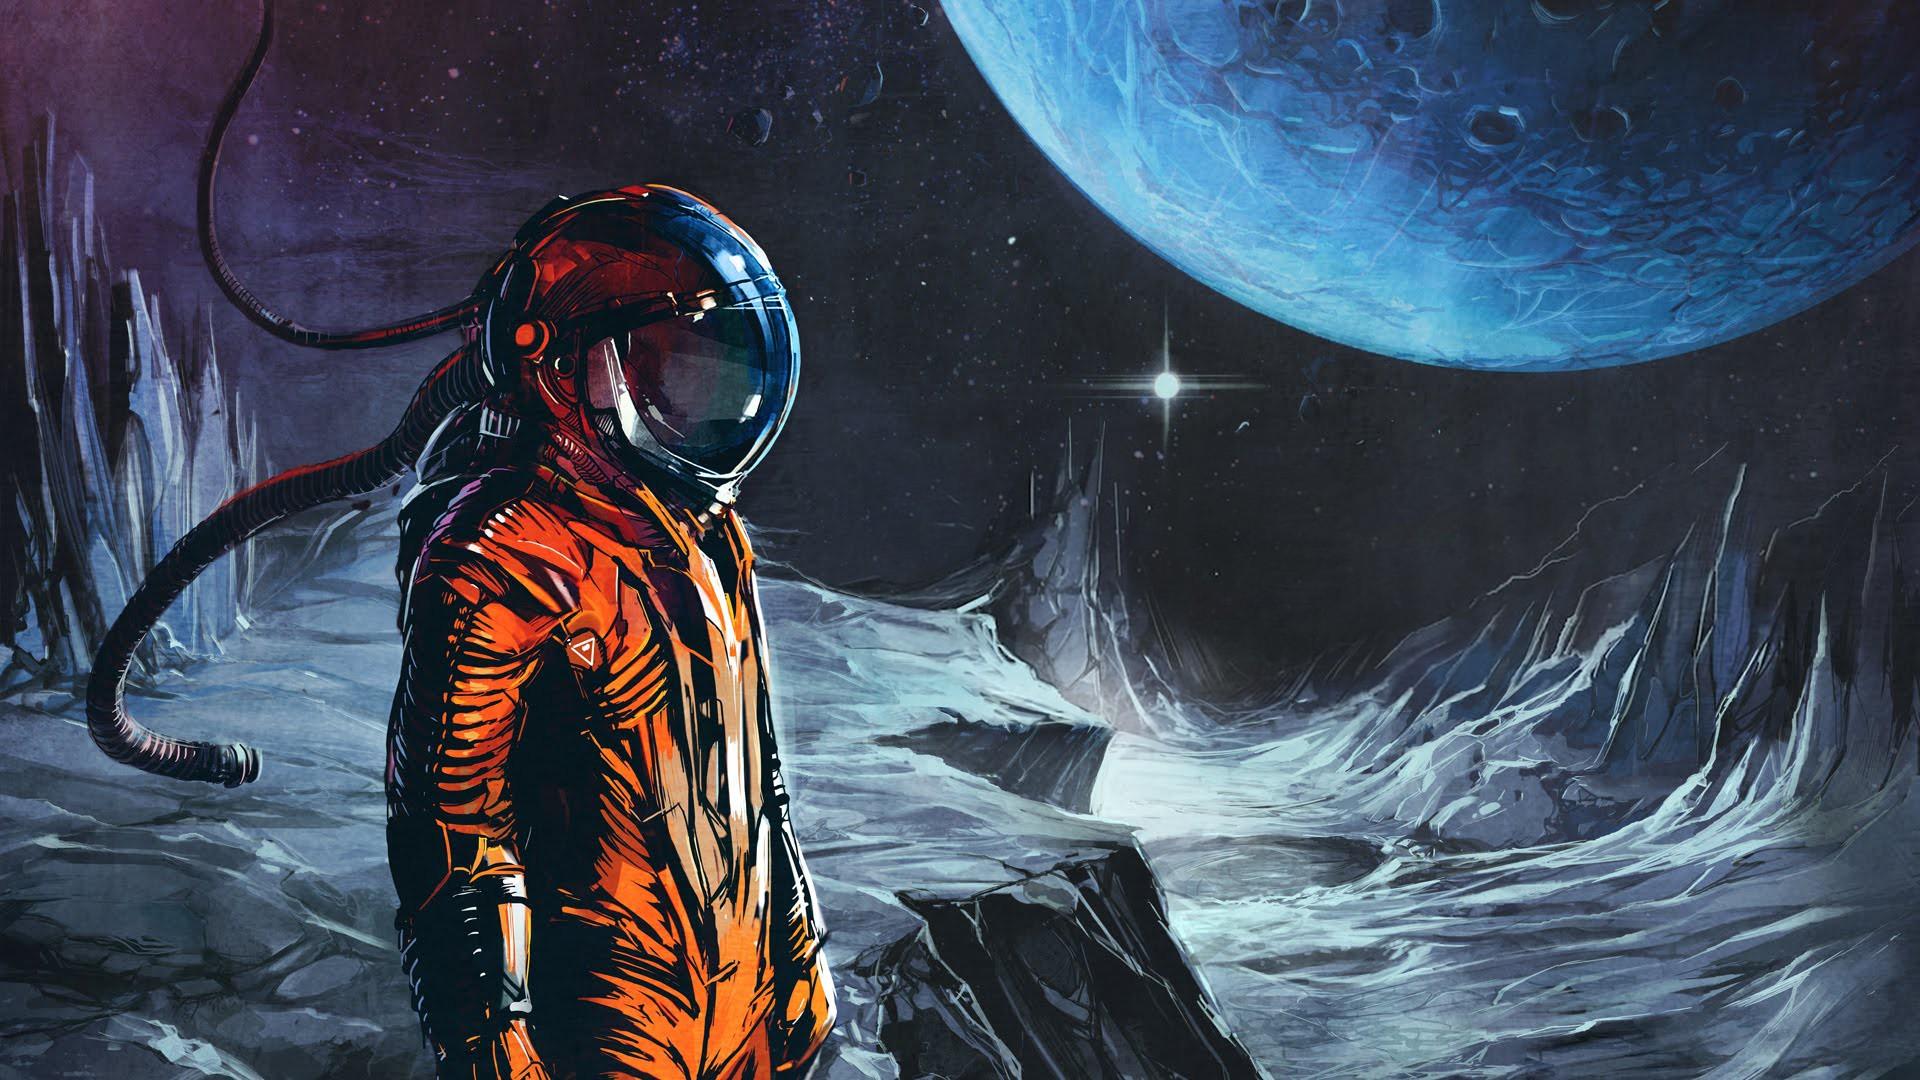 General 1920x1080 fantasy art science fiction space suit artwork space astronaut Klayton space art digital art universe spacesuit planet helmet stars album covers cover art fictional characters